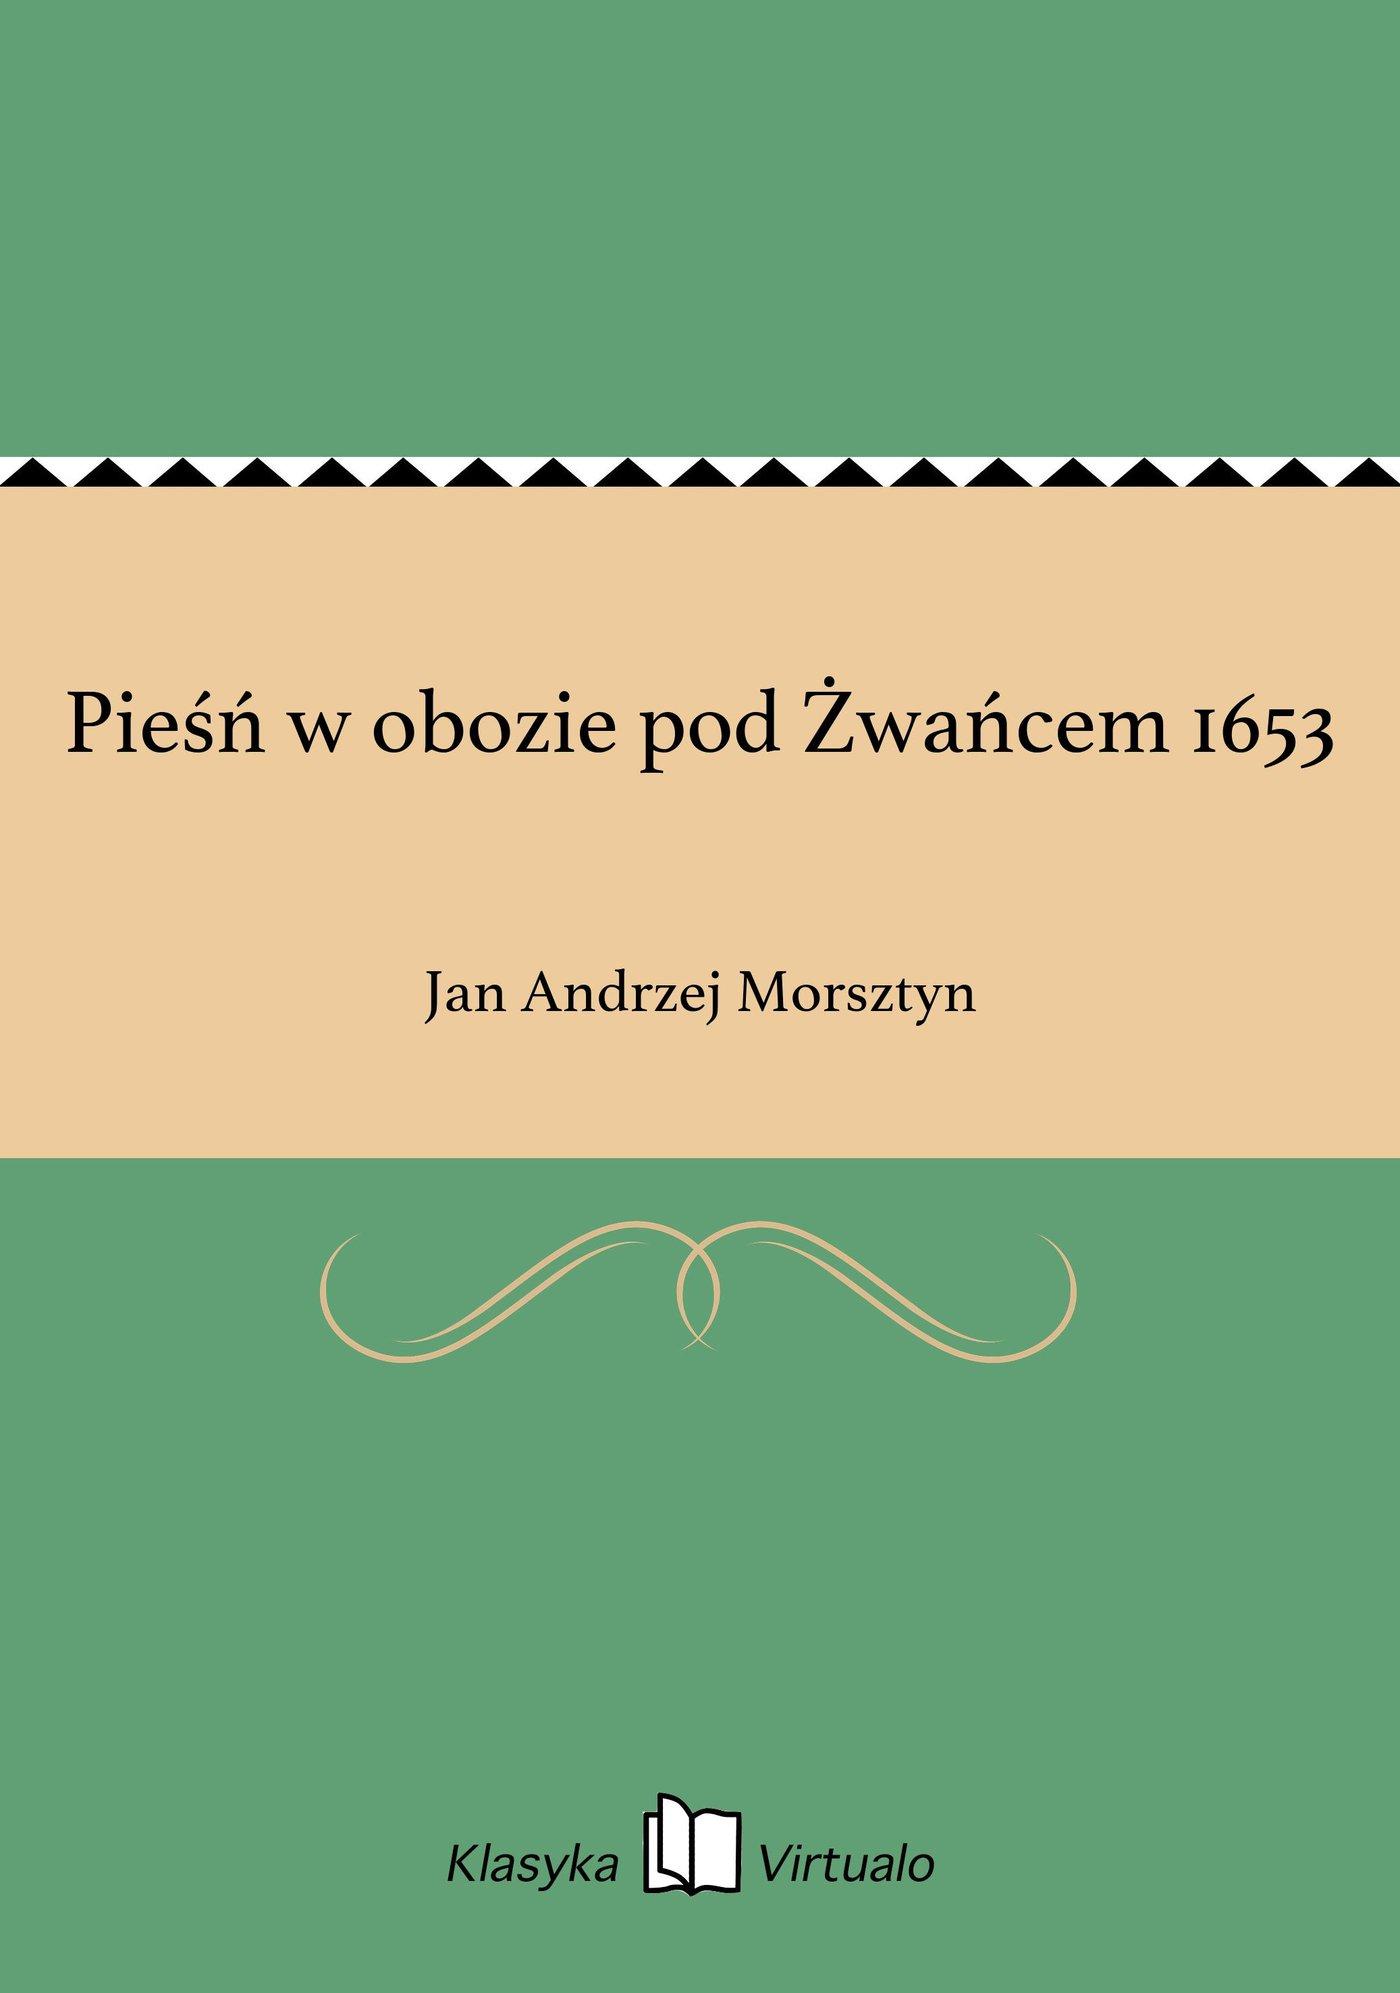 Pieśń w obozie pod Żwańcem 1653 - Ebook (Książka EPUB) do pobrania w formacie EPUB